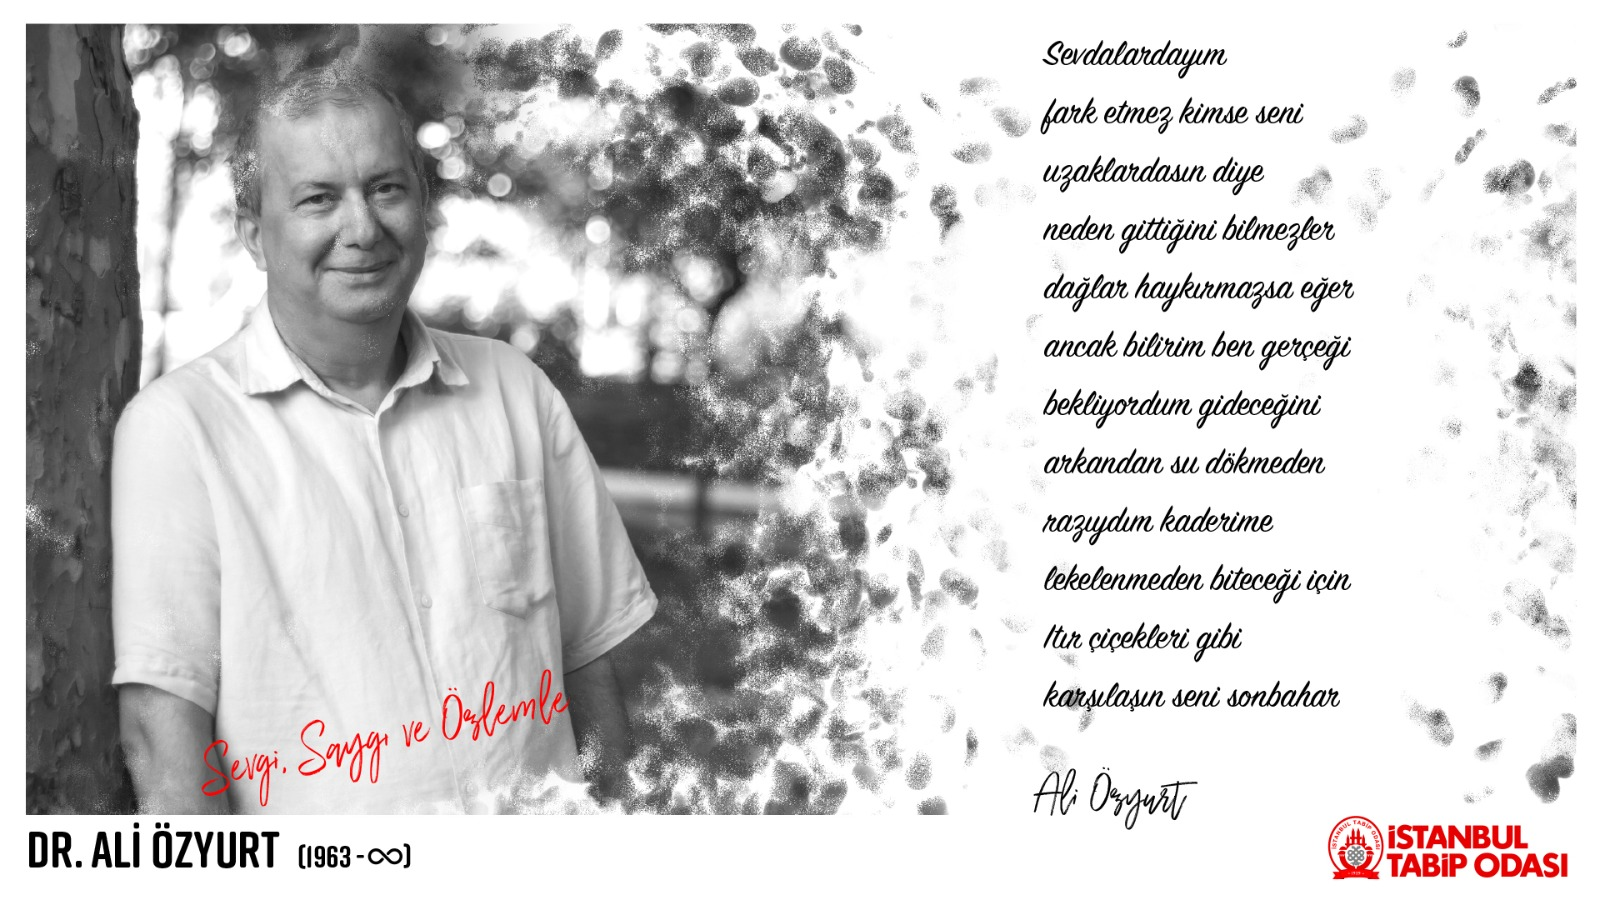 Dr. Ali Özyurt'u Sevgiyle, Saygıyla, Özlemle Anıyoruz